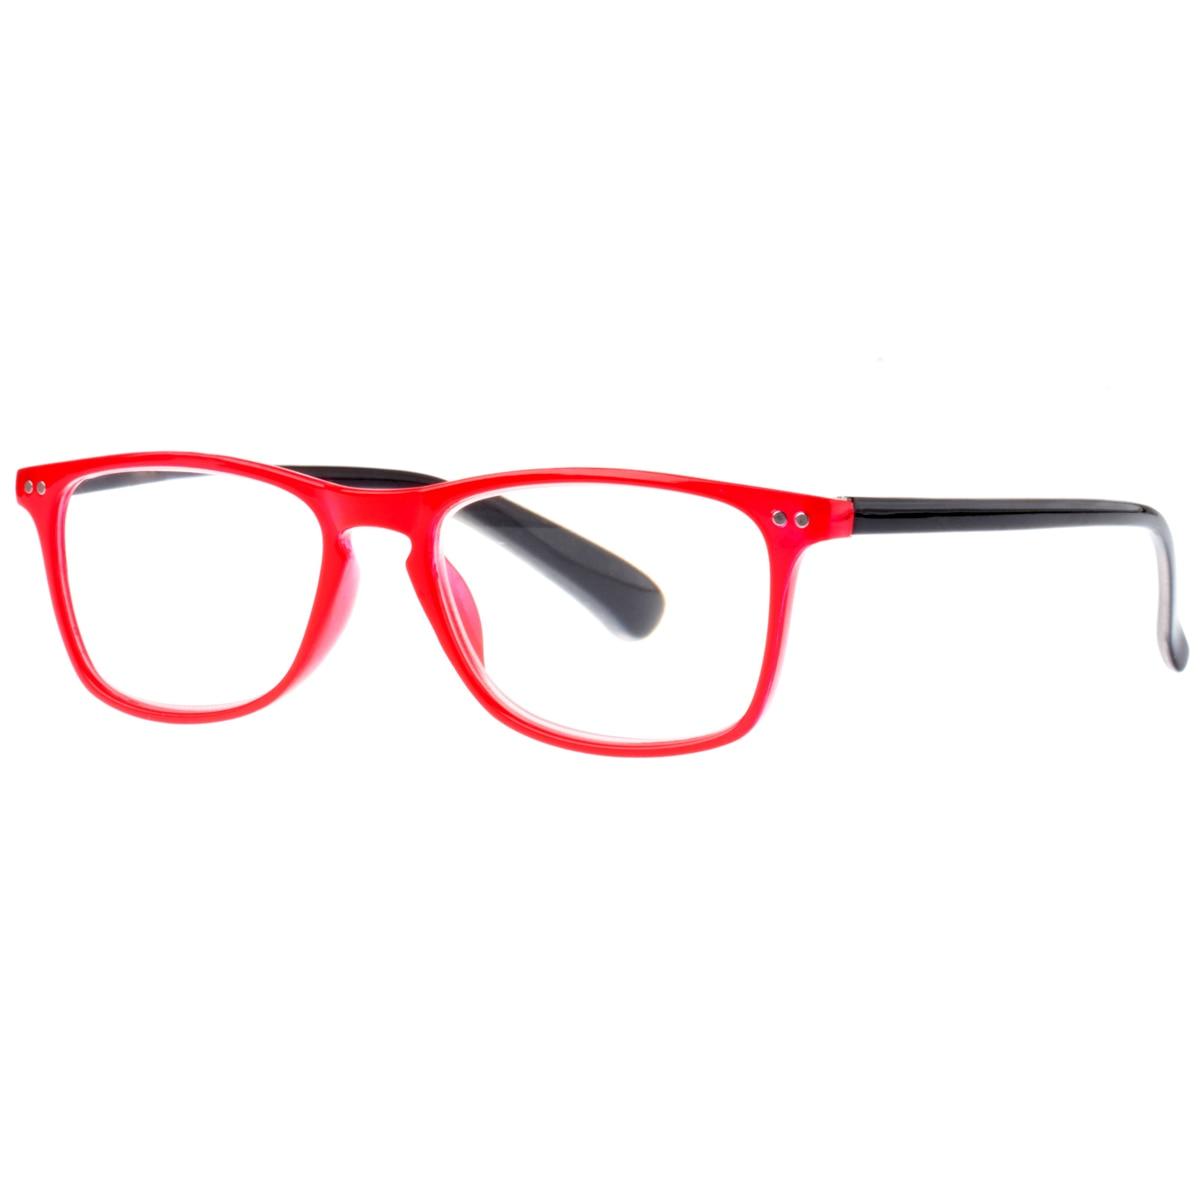 Lézeres látásjavítás   Perfect Vision